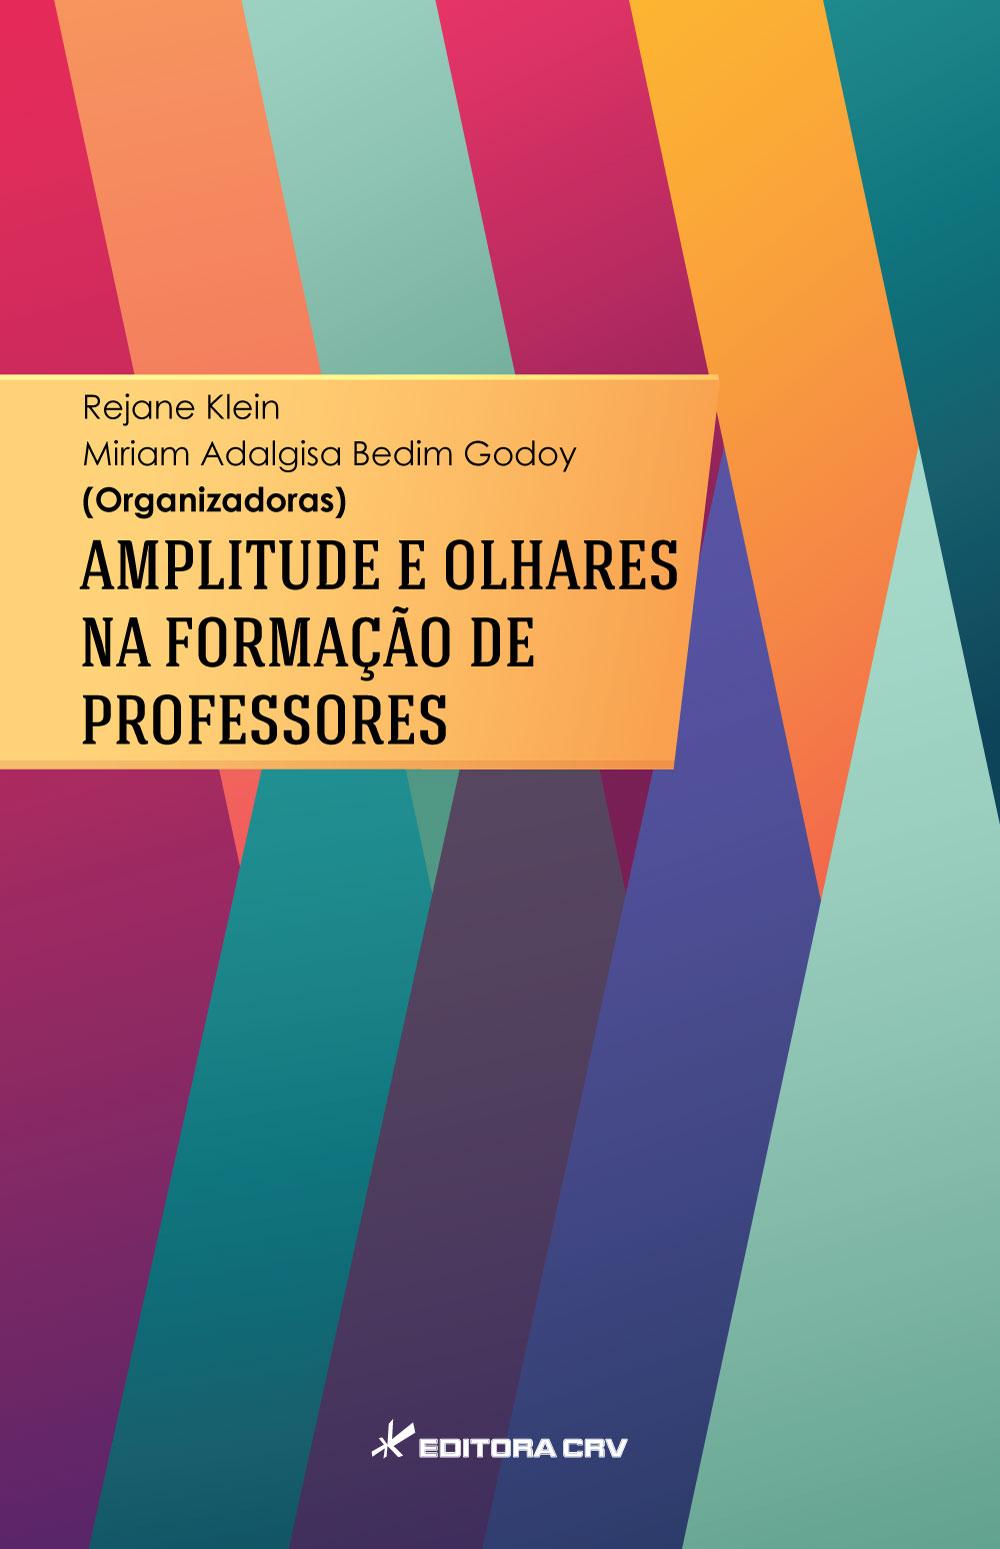 Capa do livro: AMPLITUDE E OLHARES NA FORMAÇÃO DE PROFESSORES